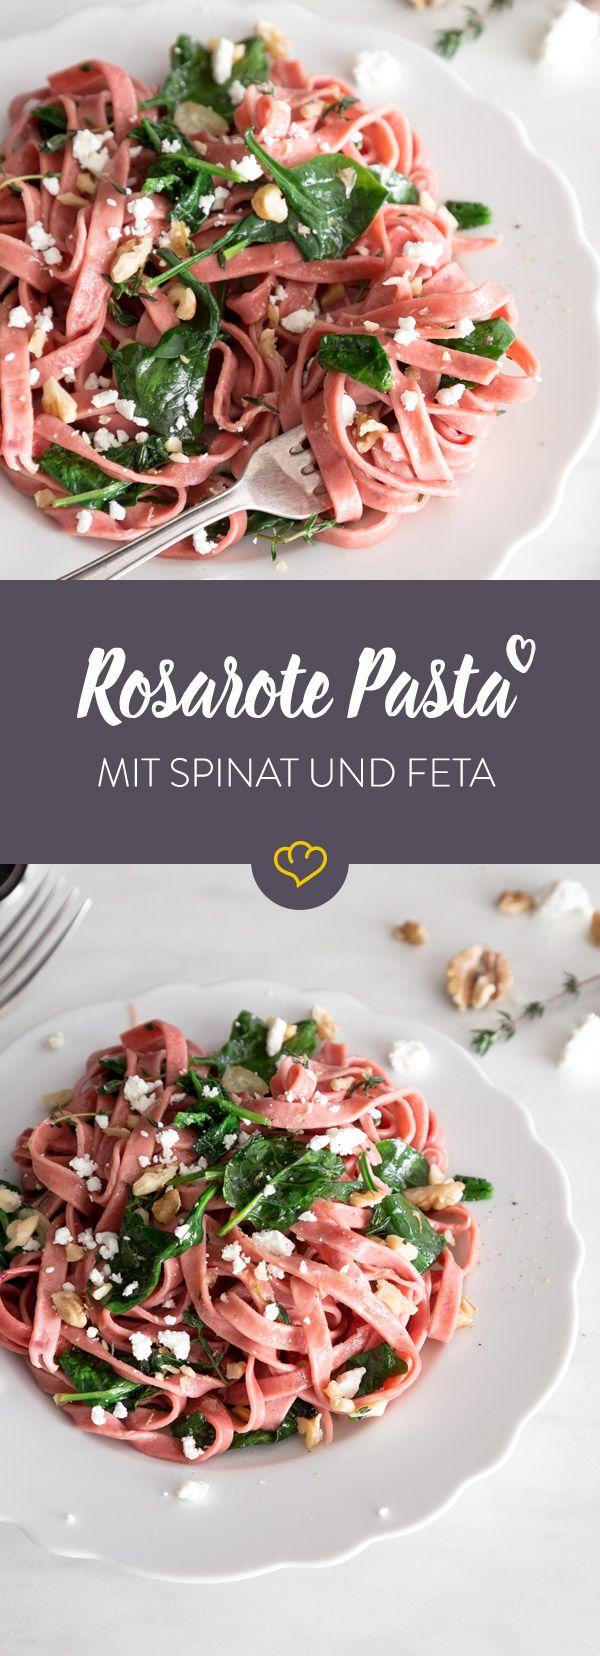 Du musst das Objekt deiner Begierde mächtig beeindrucken? Wir empfehlen ausgefallene rosa Pasta mit Feta und Spinat für ein perfektes Candlelight-Dinner.